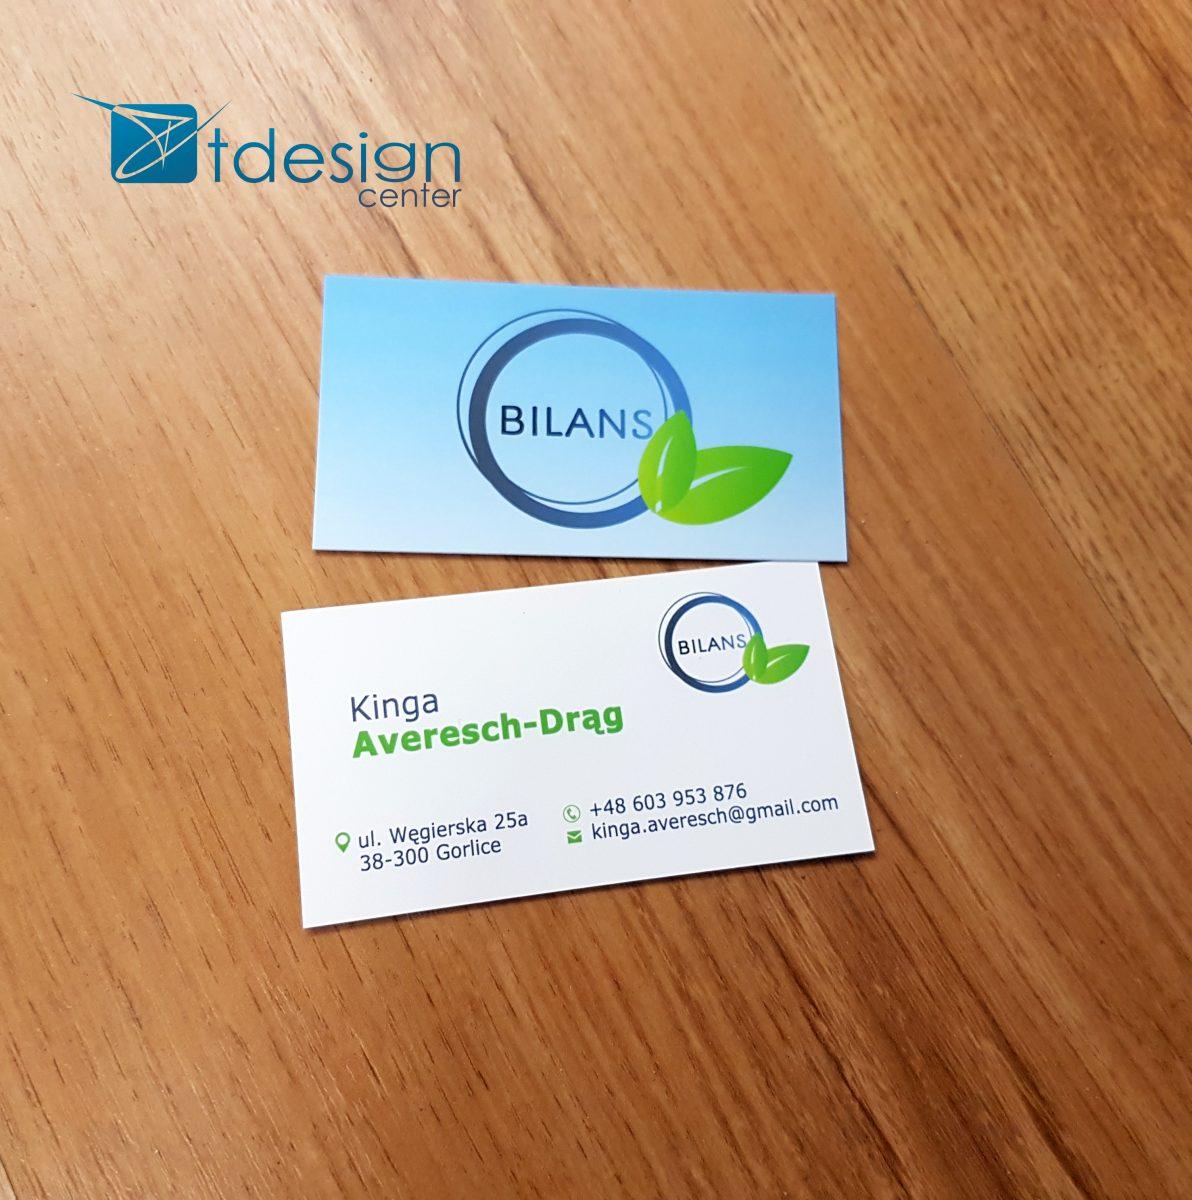 Wizytówki wykonane dla firmy Bilans - projekt +druk